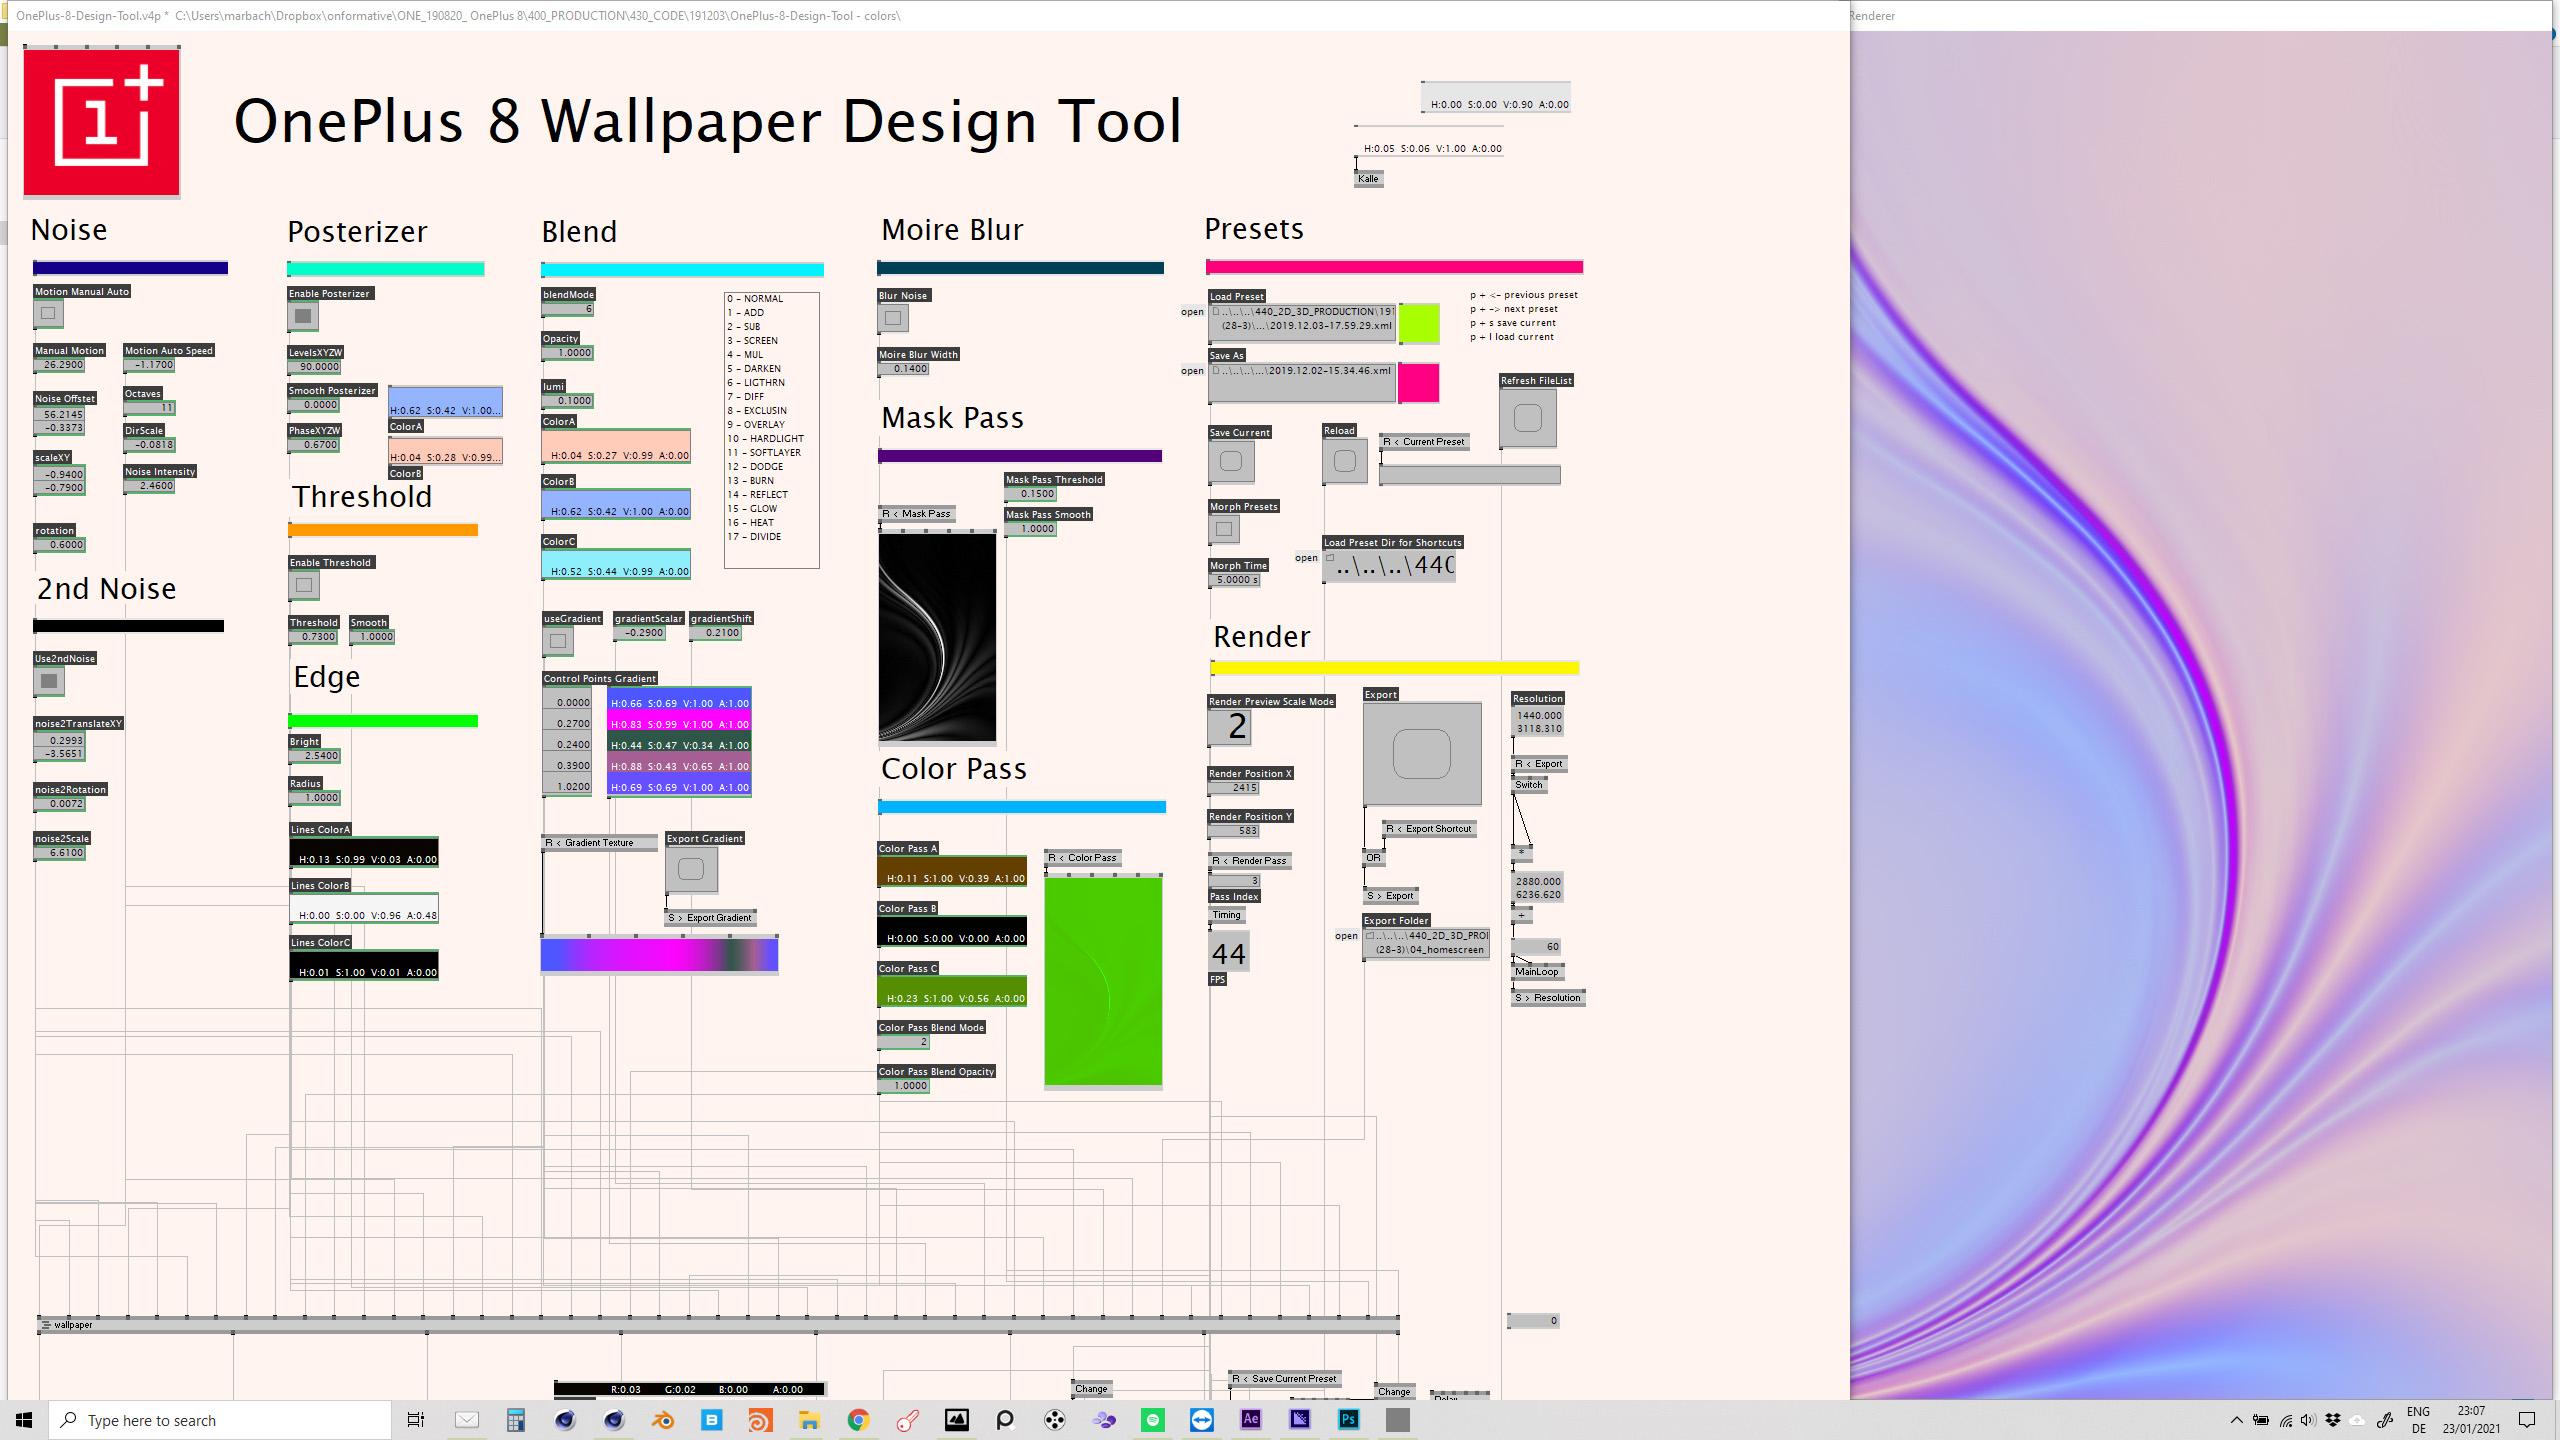 OP8_Wallpaper_Design_Tool